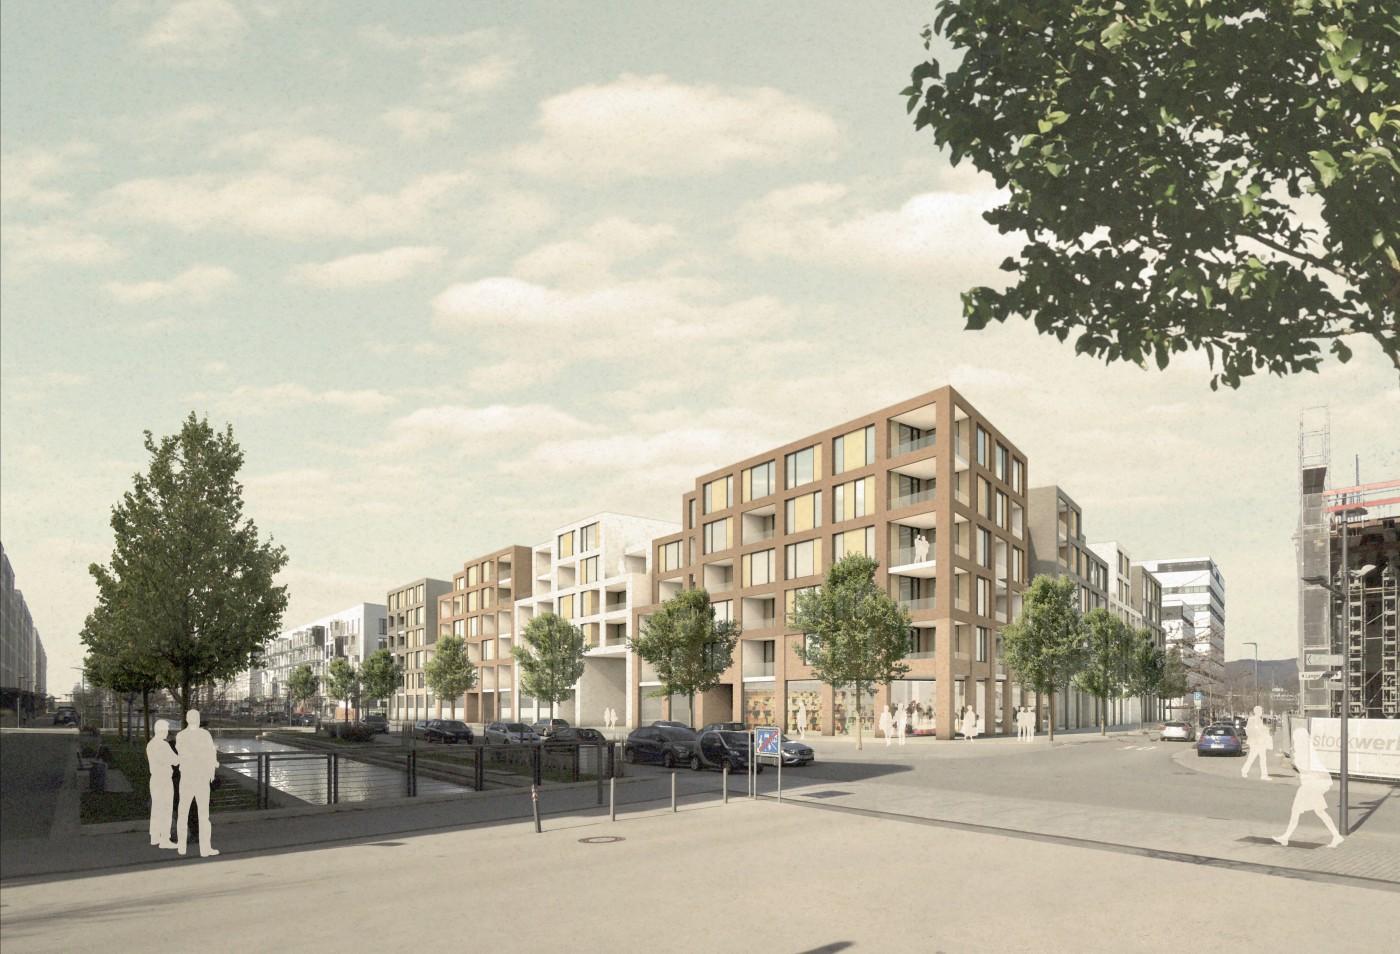 Bahnstadt Z4 Heidelberg (2021-23)